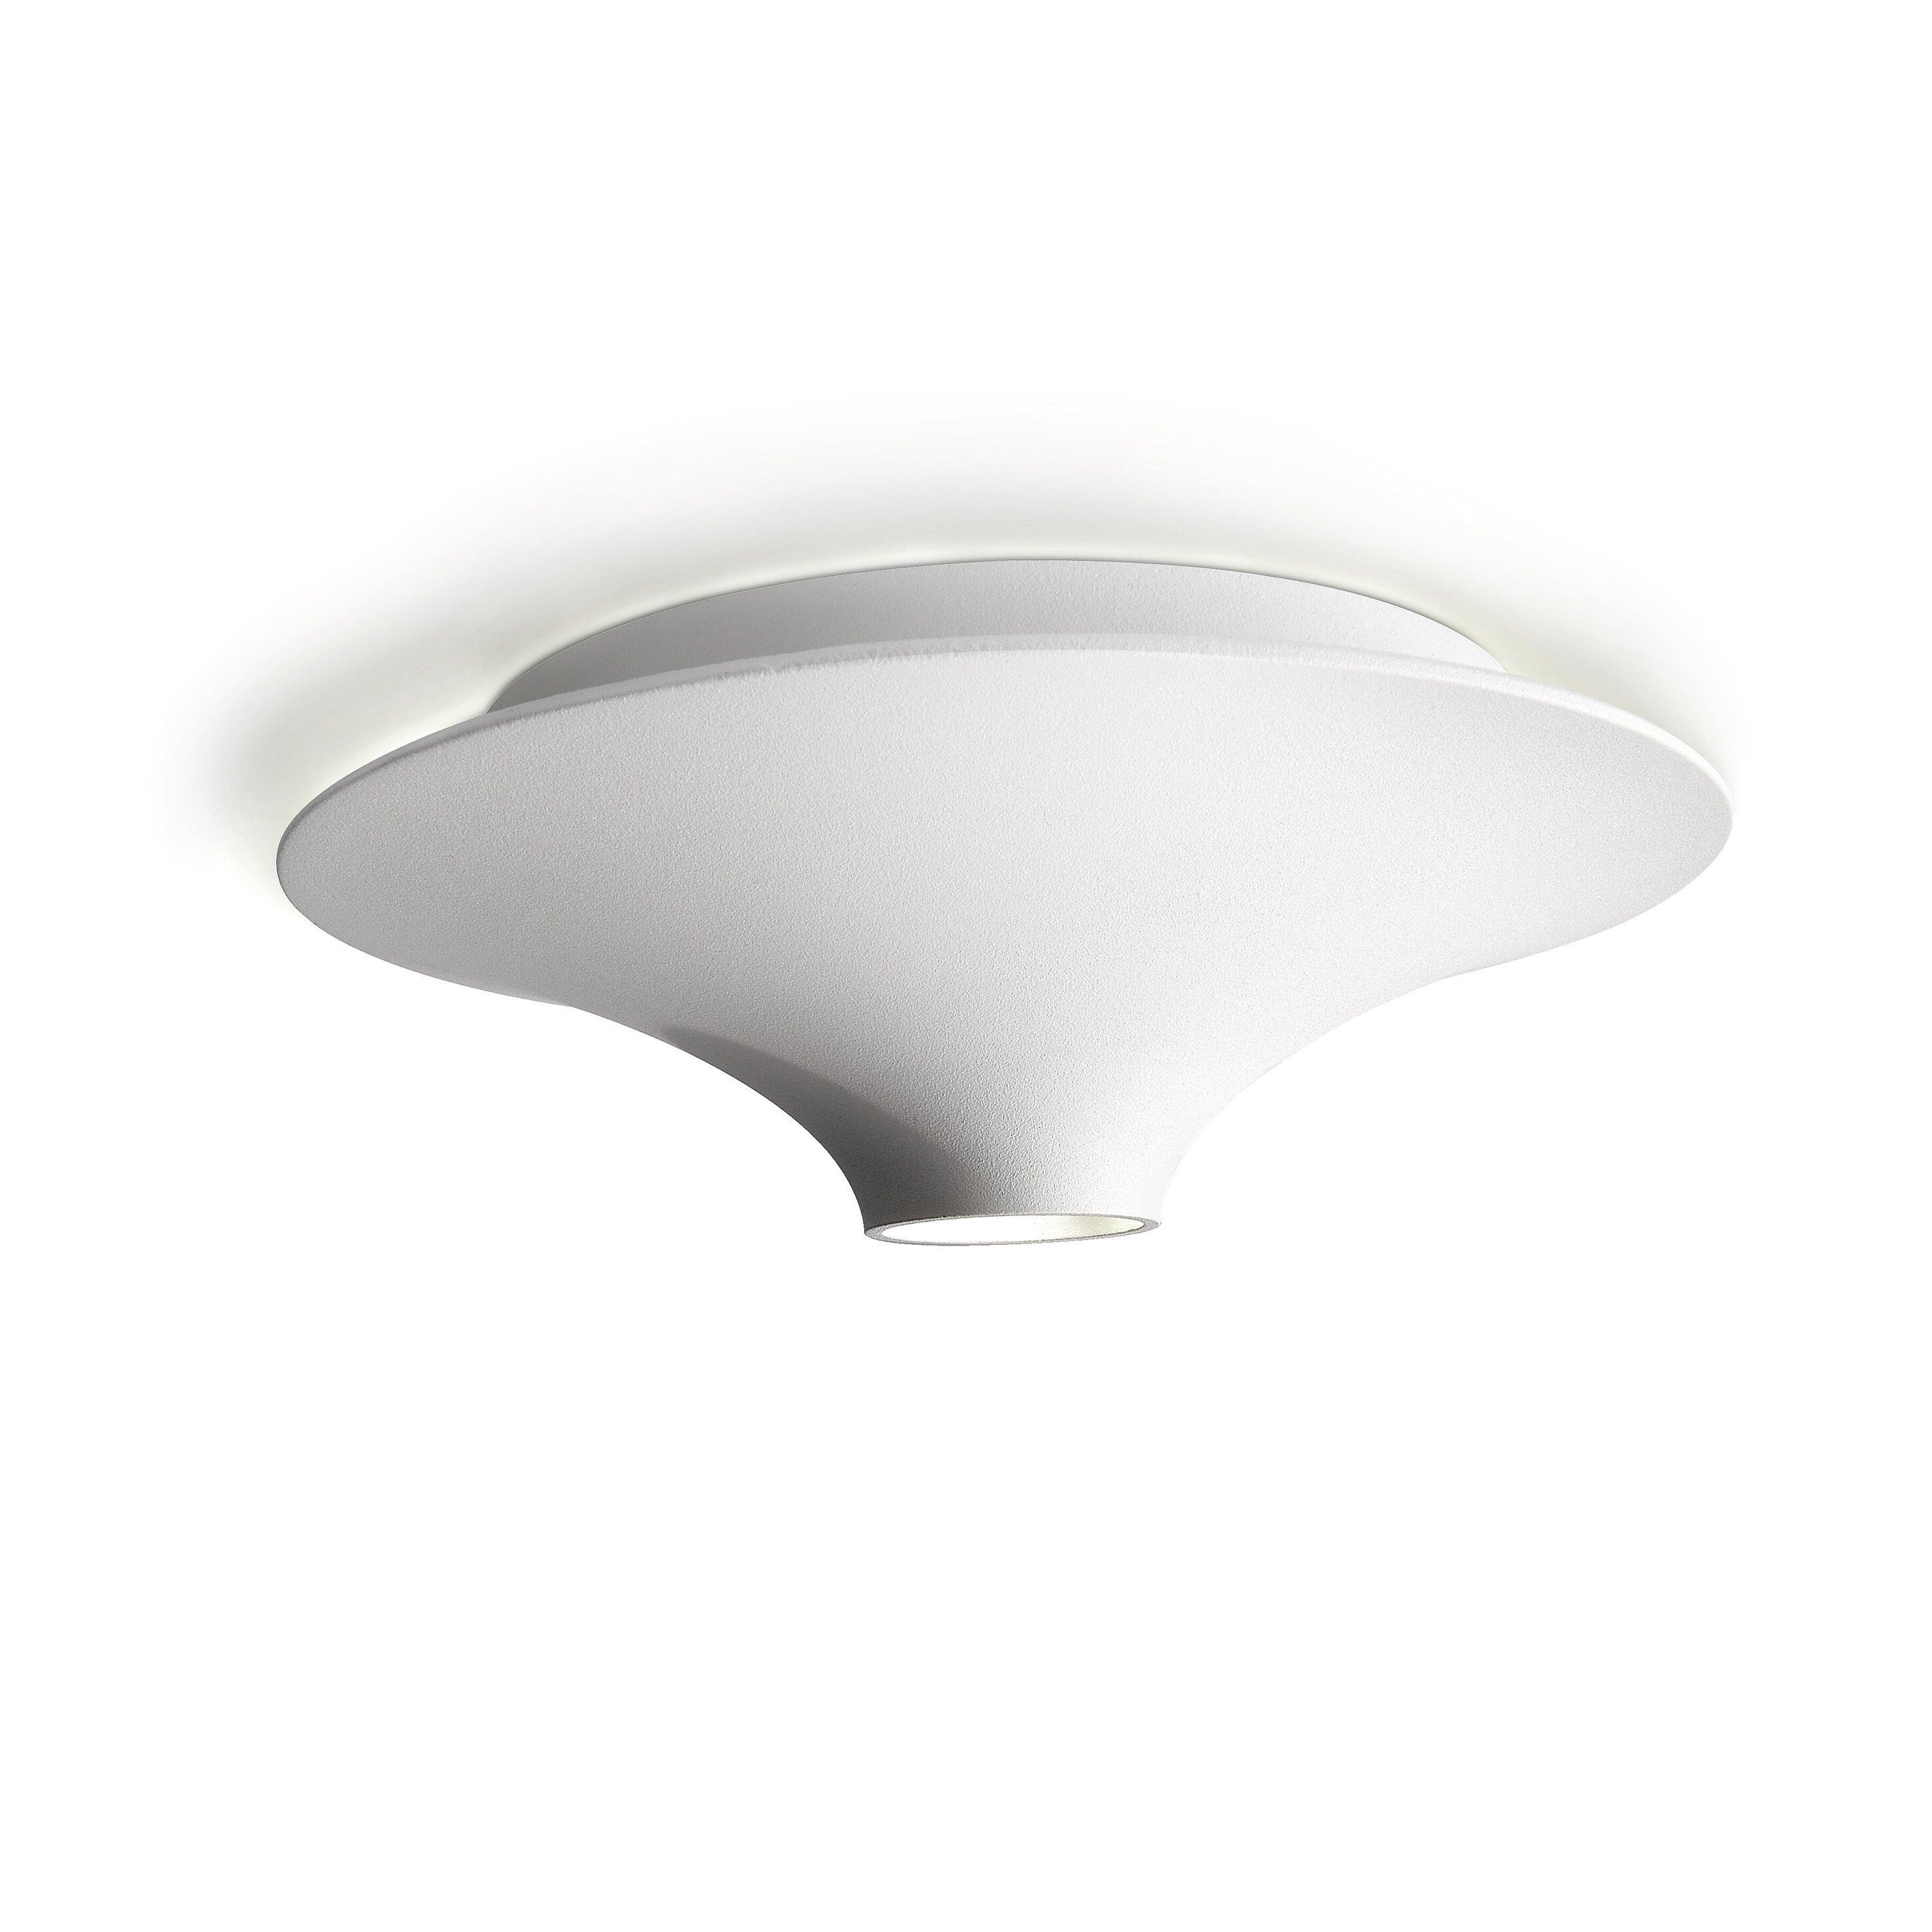 philips consumer luminaire 1 light flush mount allmodern. Black Bedroom Furniture Sets. Home Design Ideas